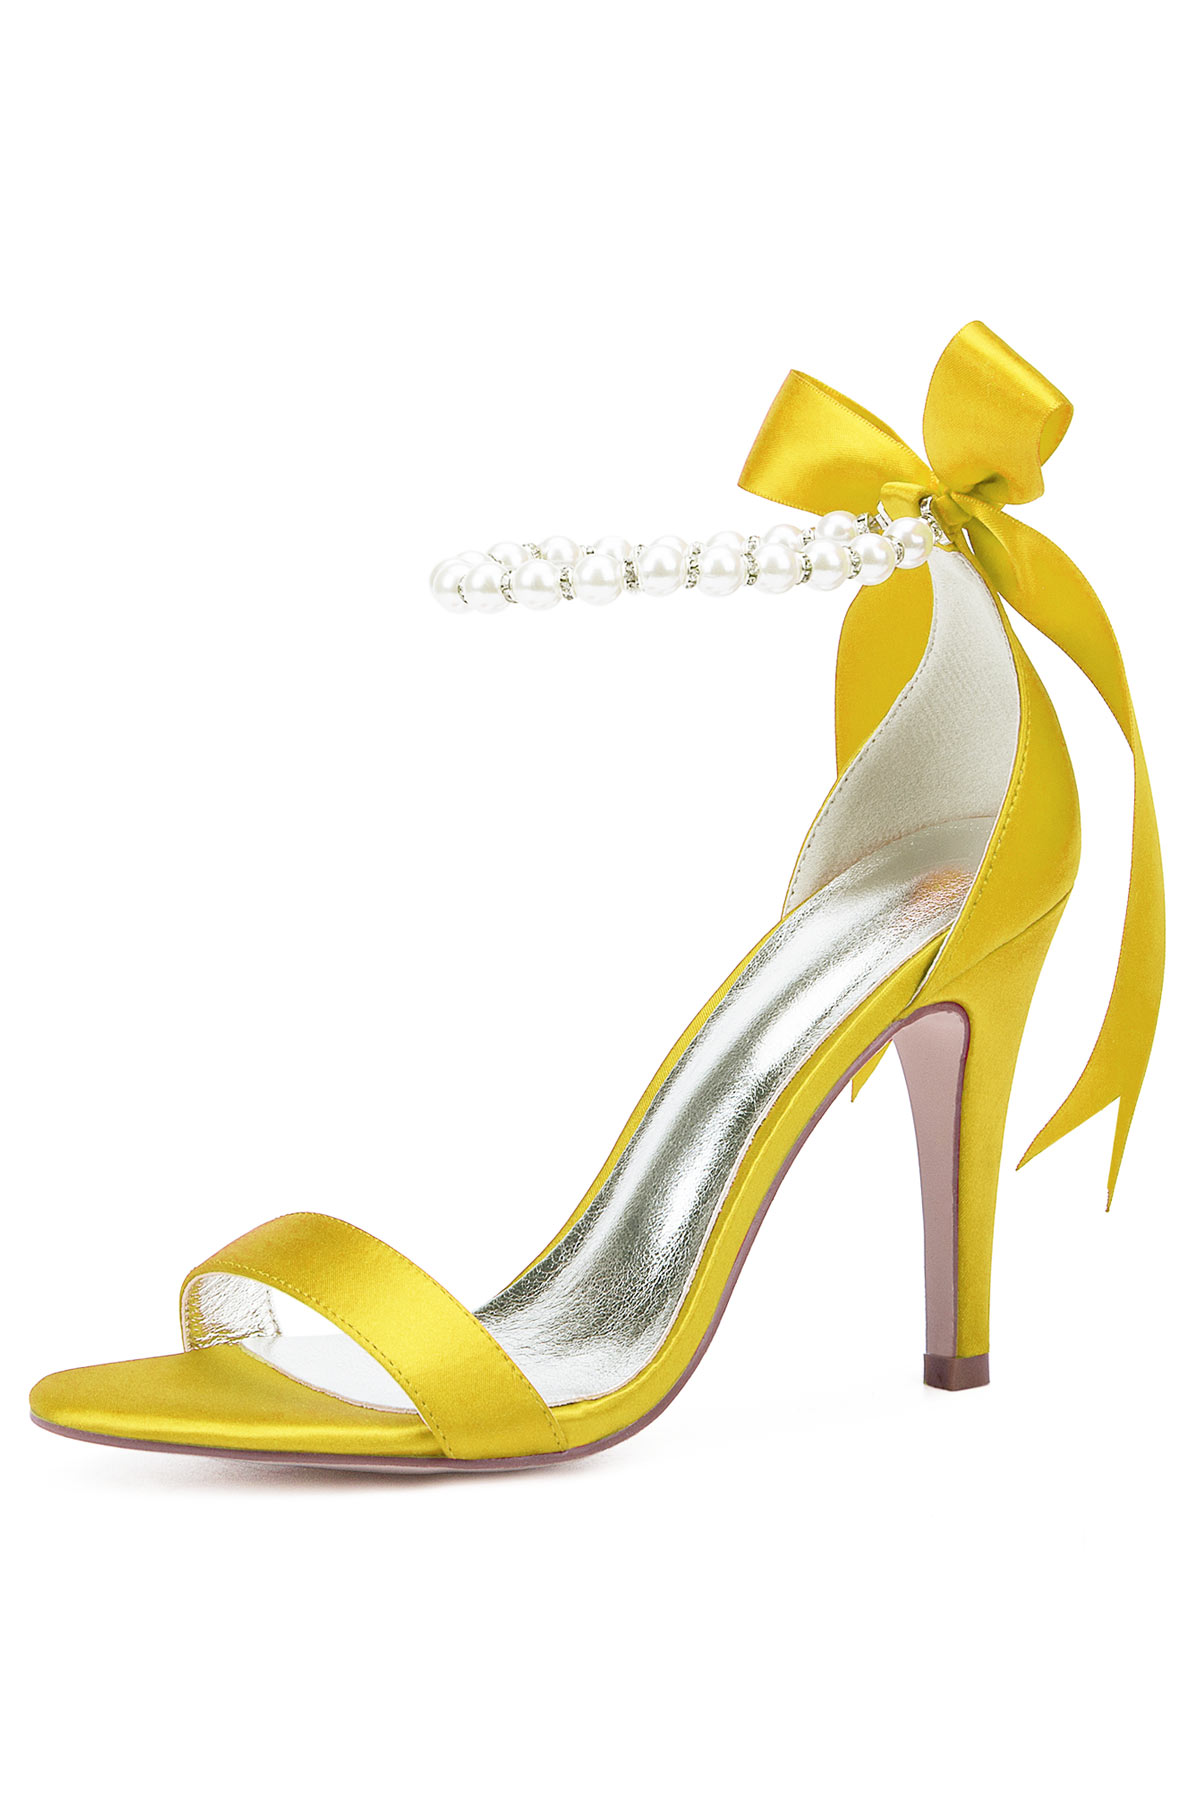 Sandale jaune à bride perlée avec talon pour gala